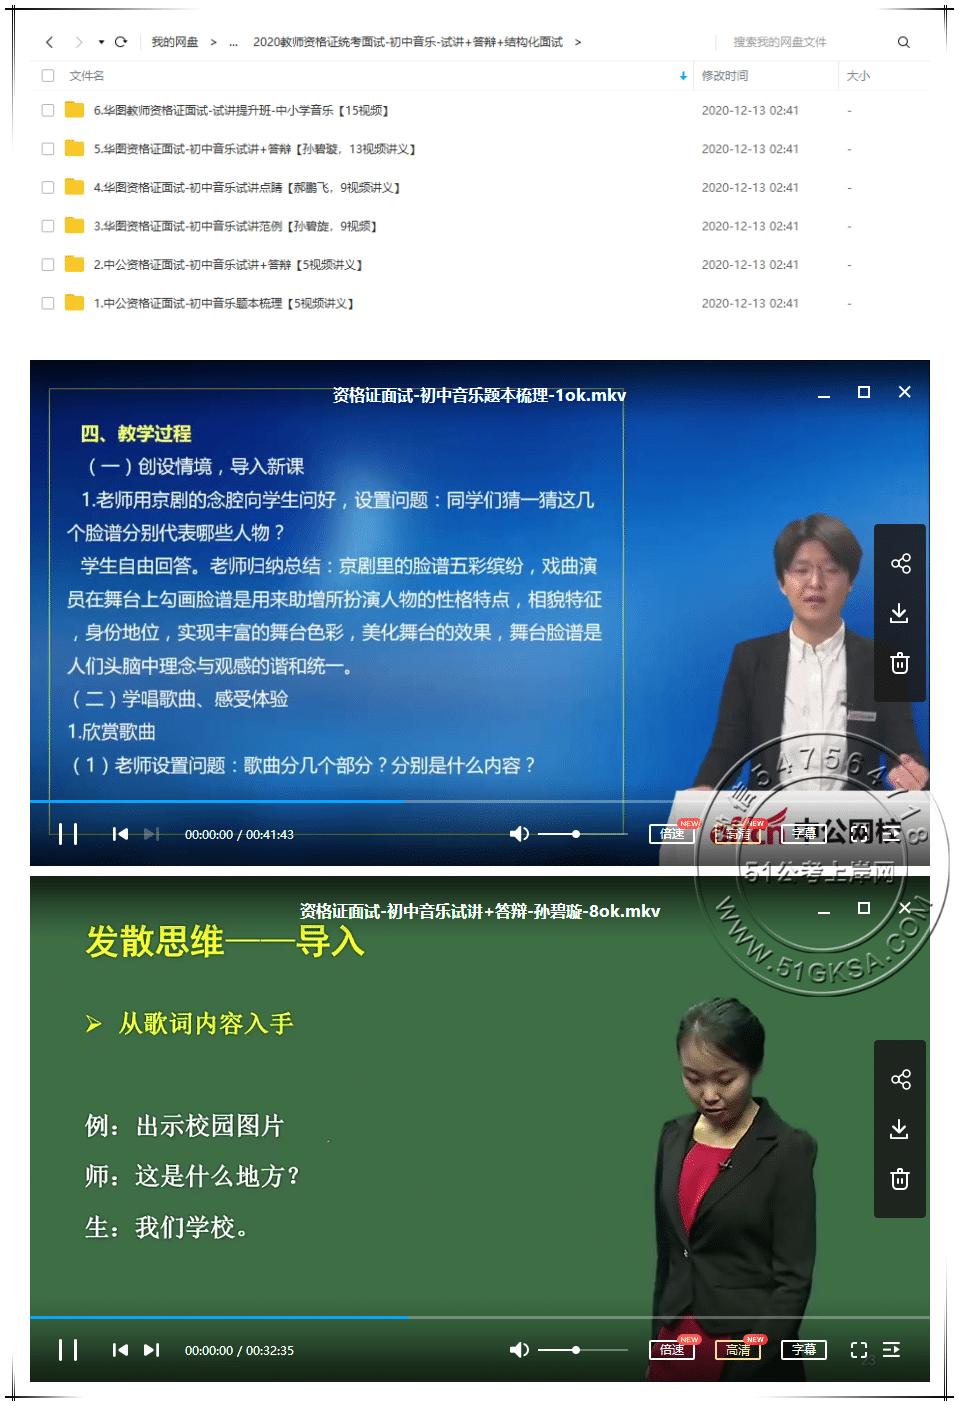 2020初中音乐教师资格证统考面试(试讲+答辩+结构化面试)-51公考上岸网